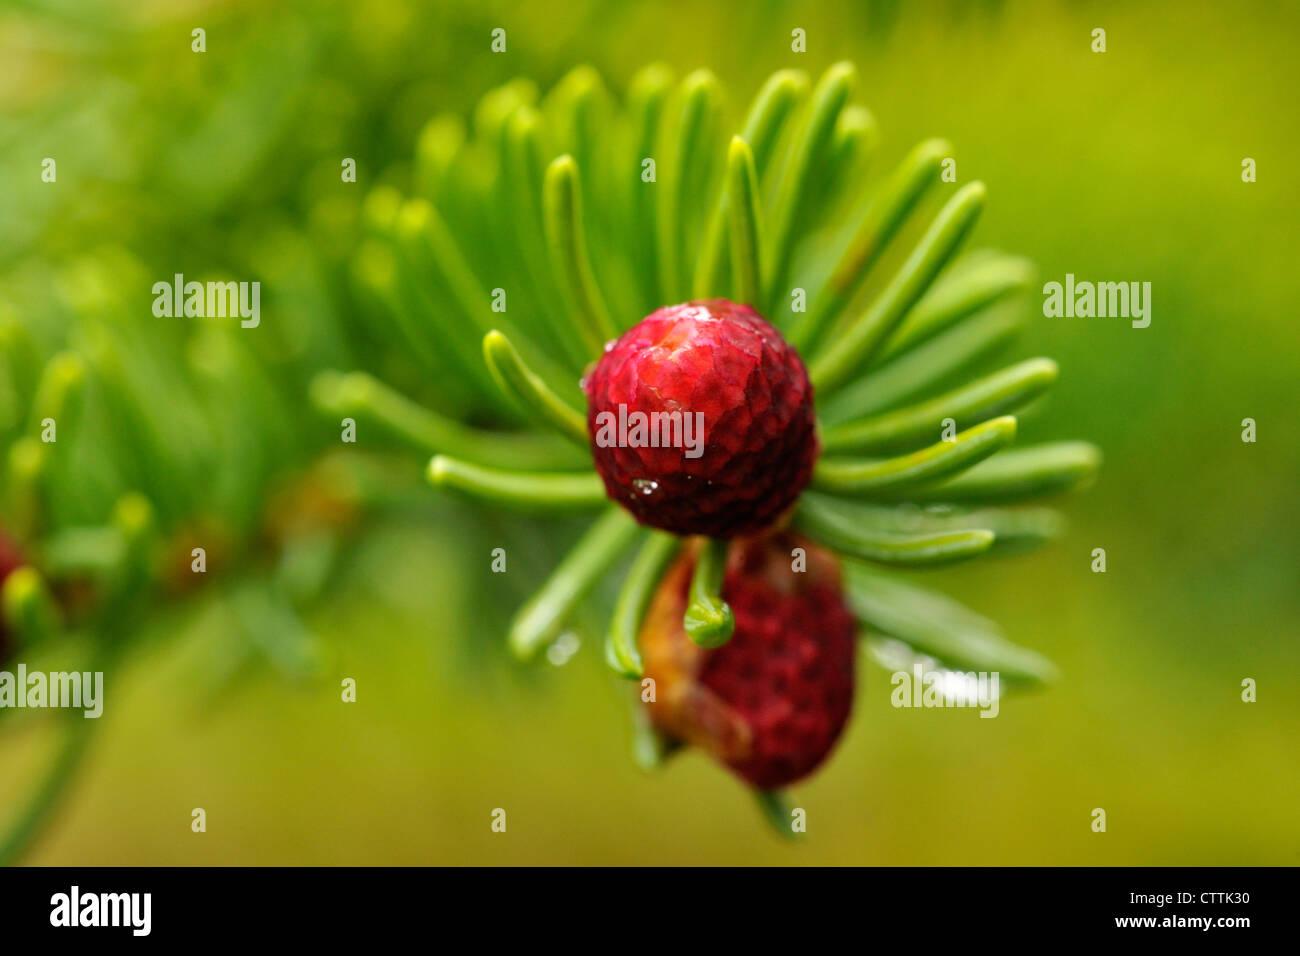 Blanco abeto rojo (Picea glauca) Desarrollar el cono en el extremo de la rama, mayor en Sudbury, Ontario, Canadá Imagen De Stock